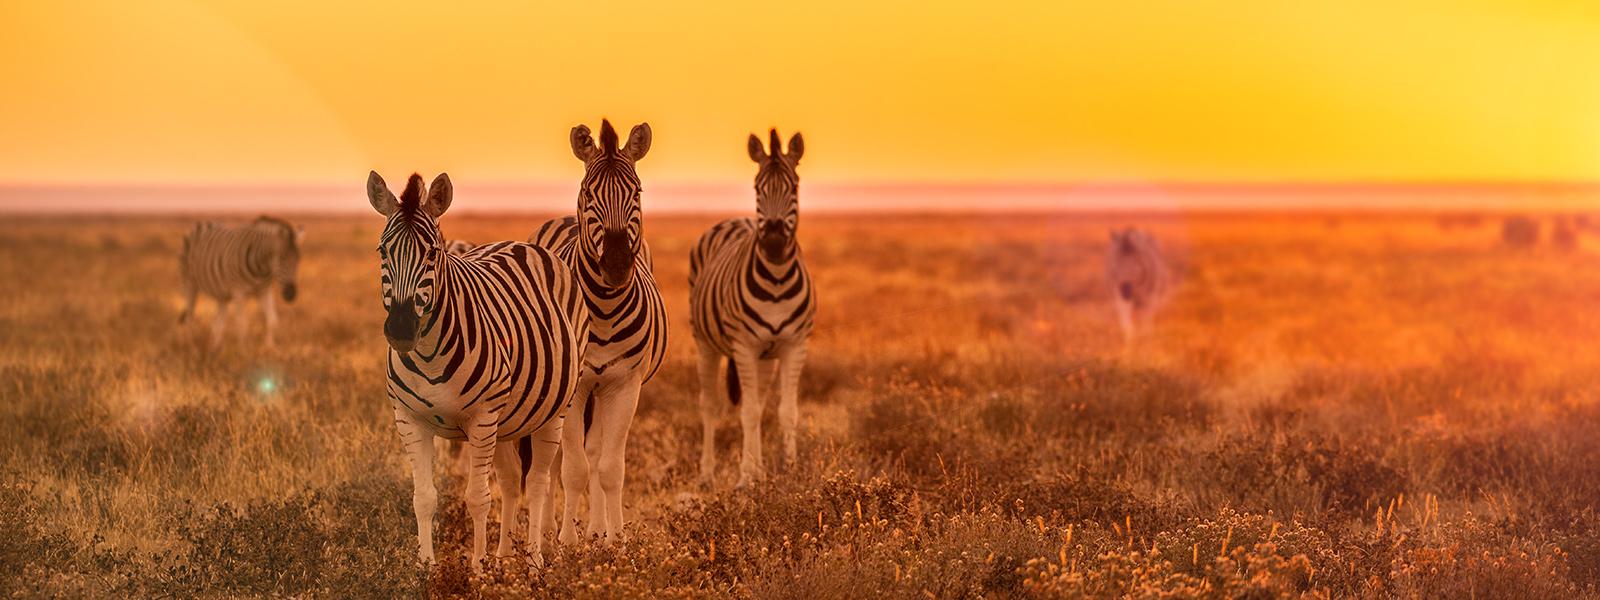 Viaggiare in Tanzania